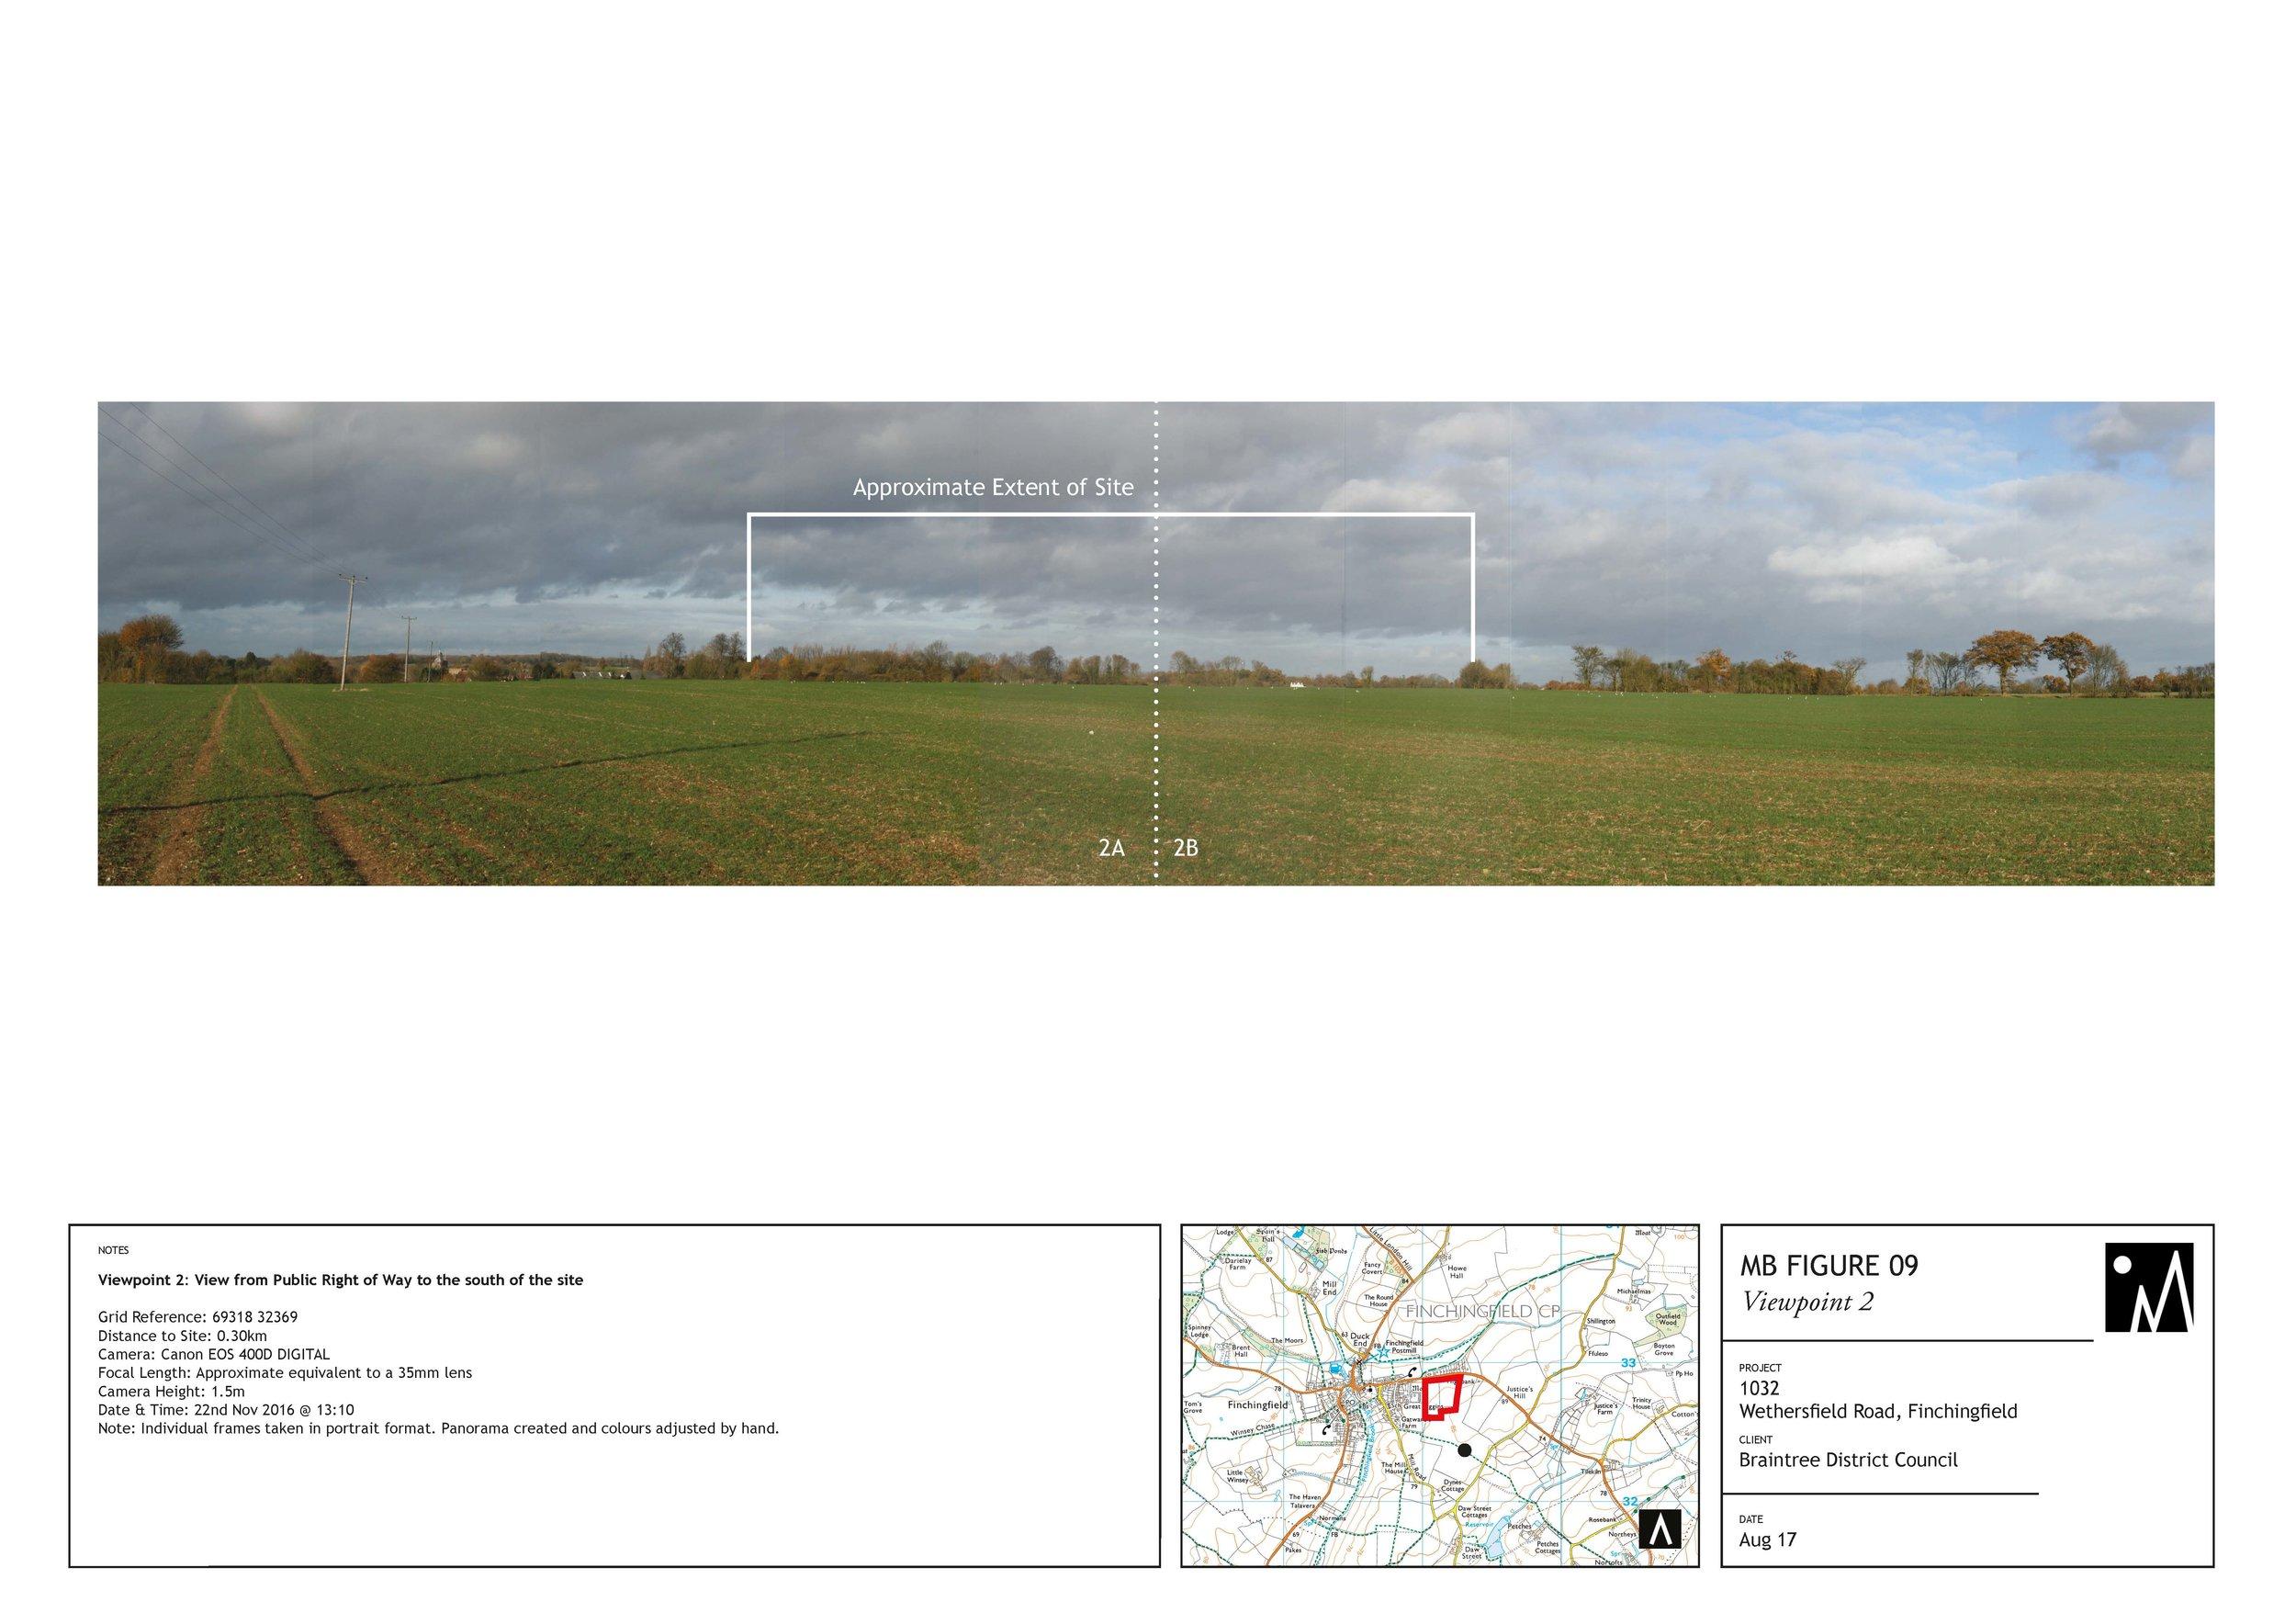 1032 Finchingfield Image 3.jpg